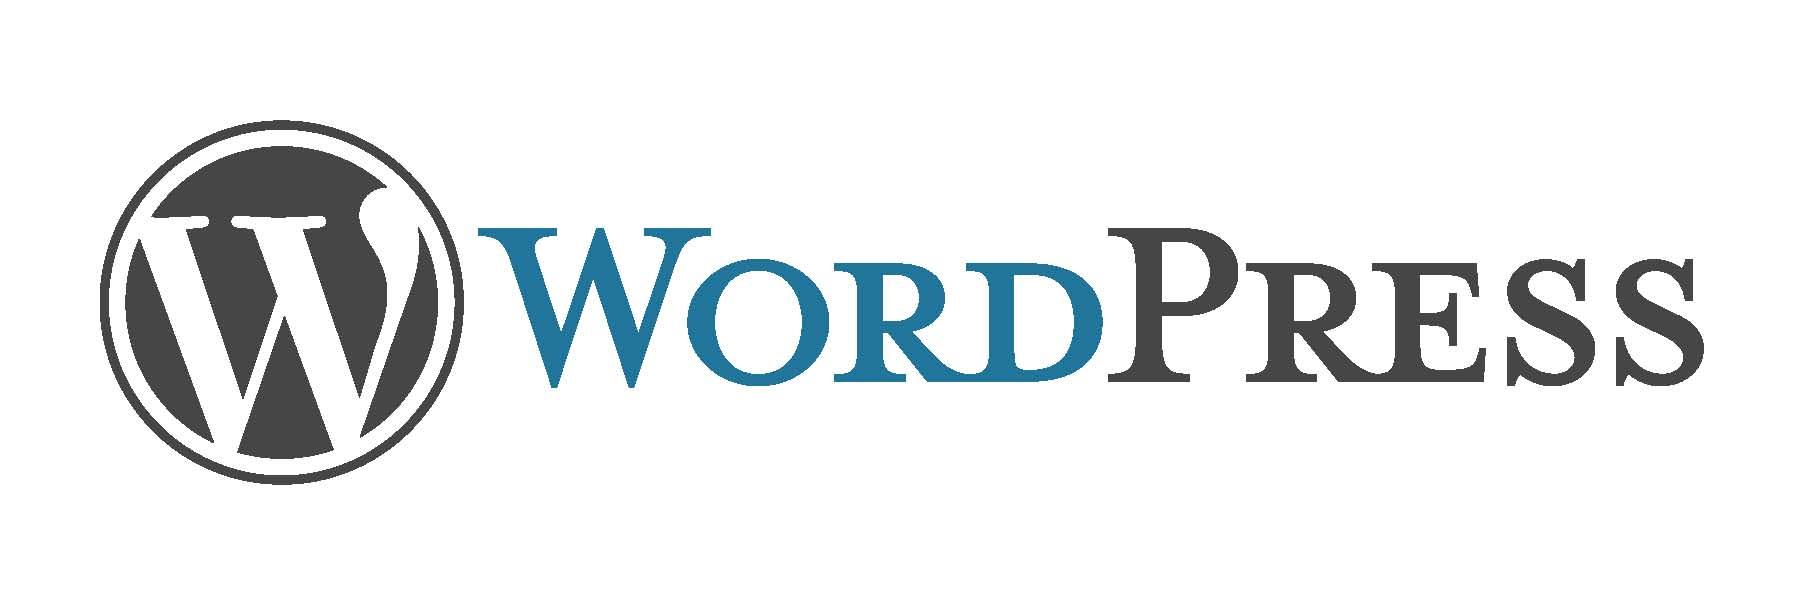 Wordpress Report Card for Hamptons Creative